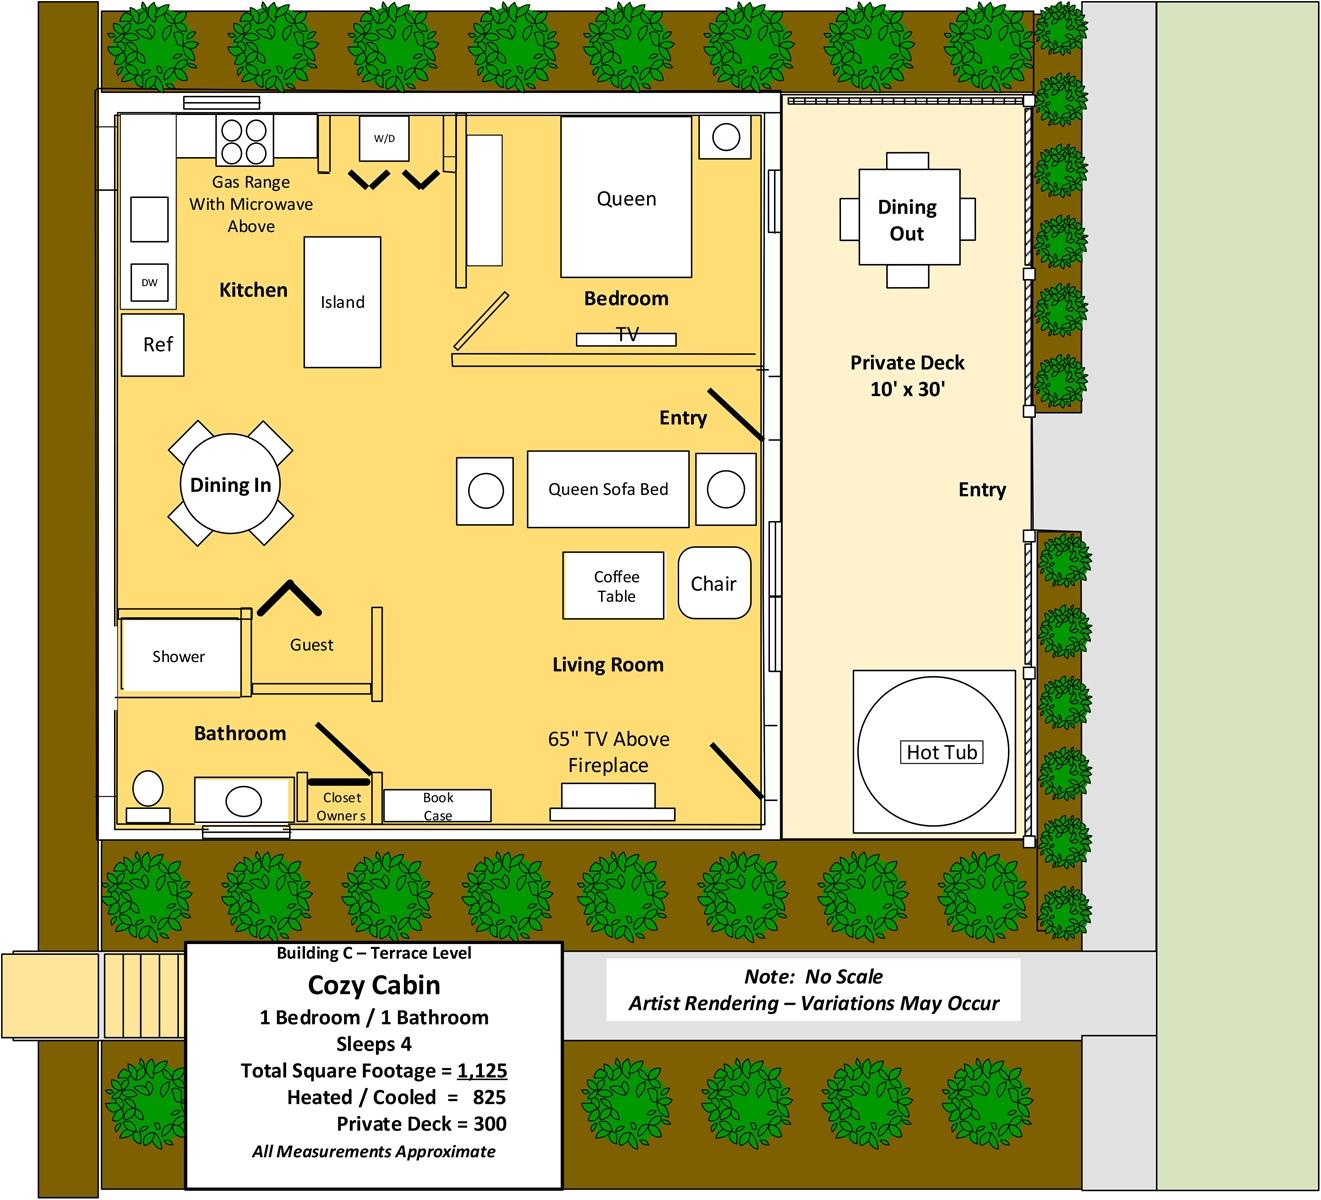 Floor Plan for Cozy Cabin